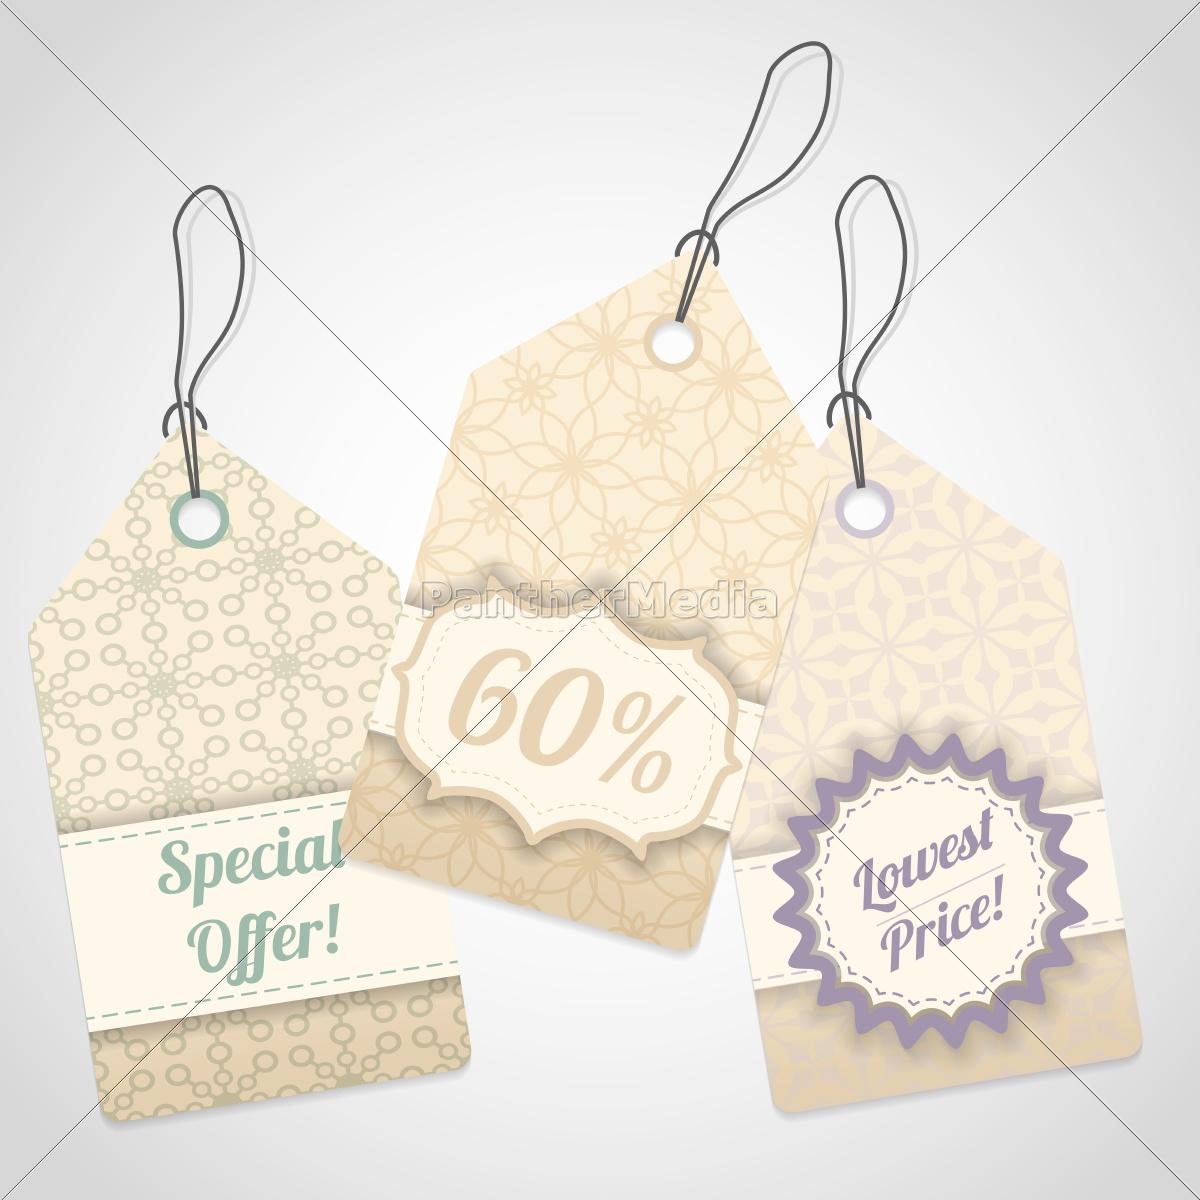 business dealings, deal, business transaction, business, bussiness, work - 10232771